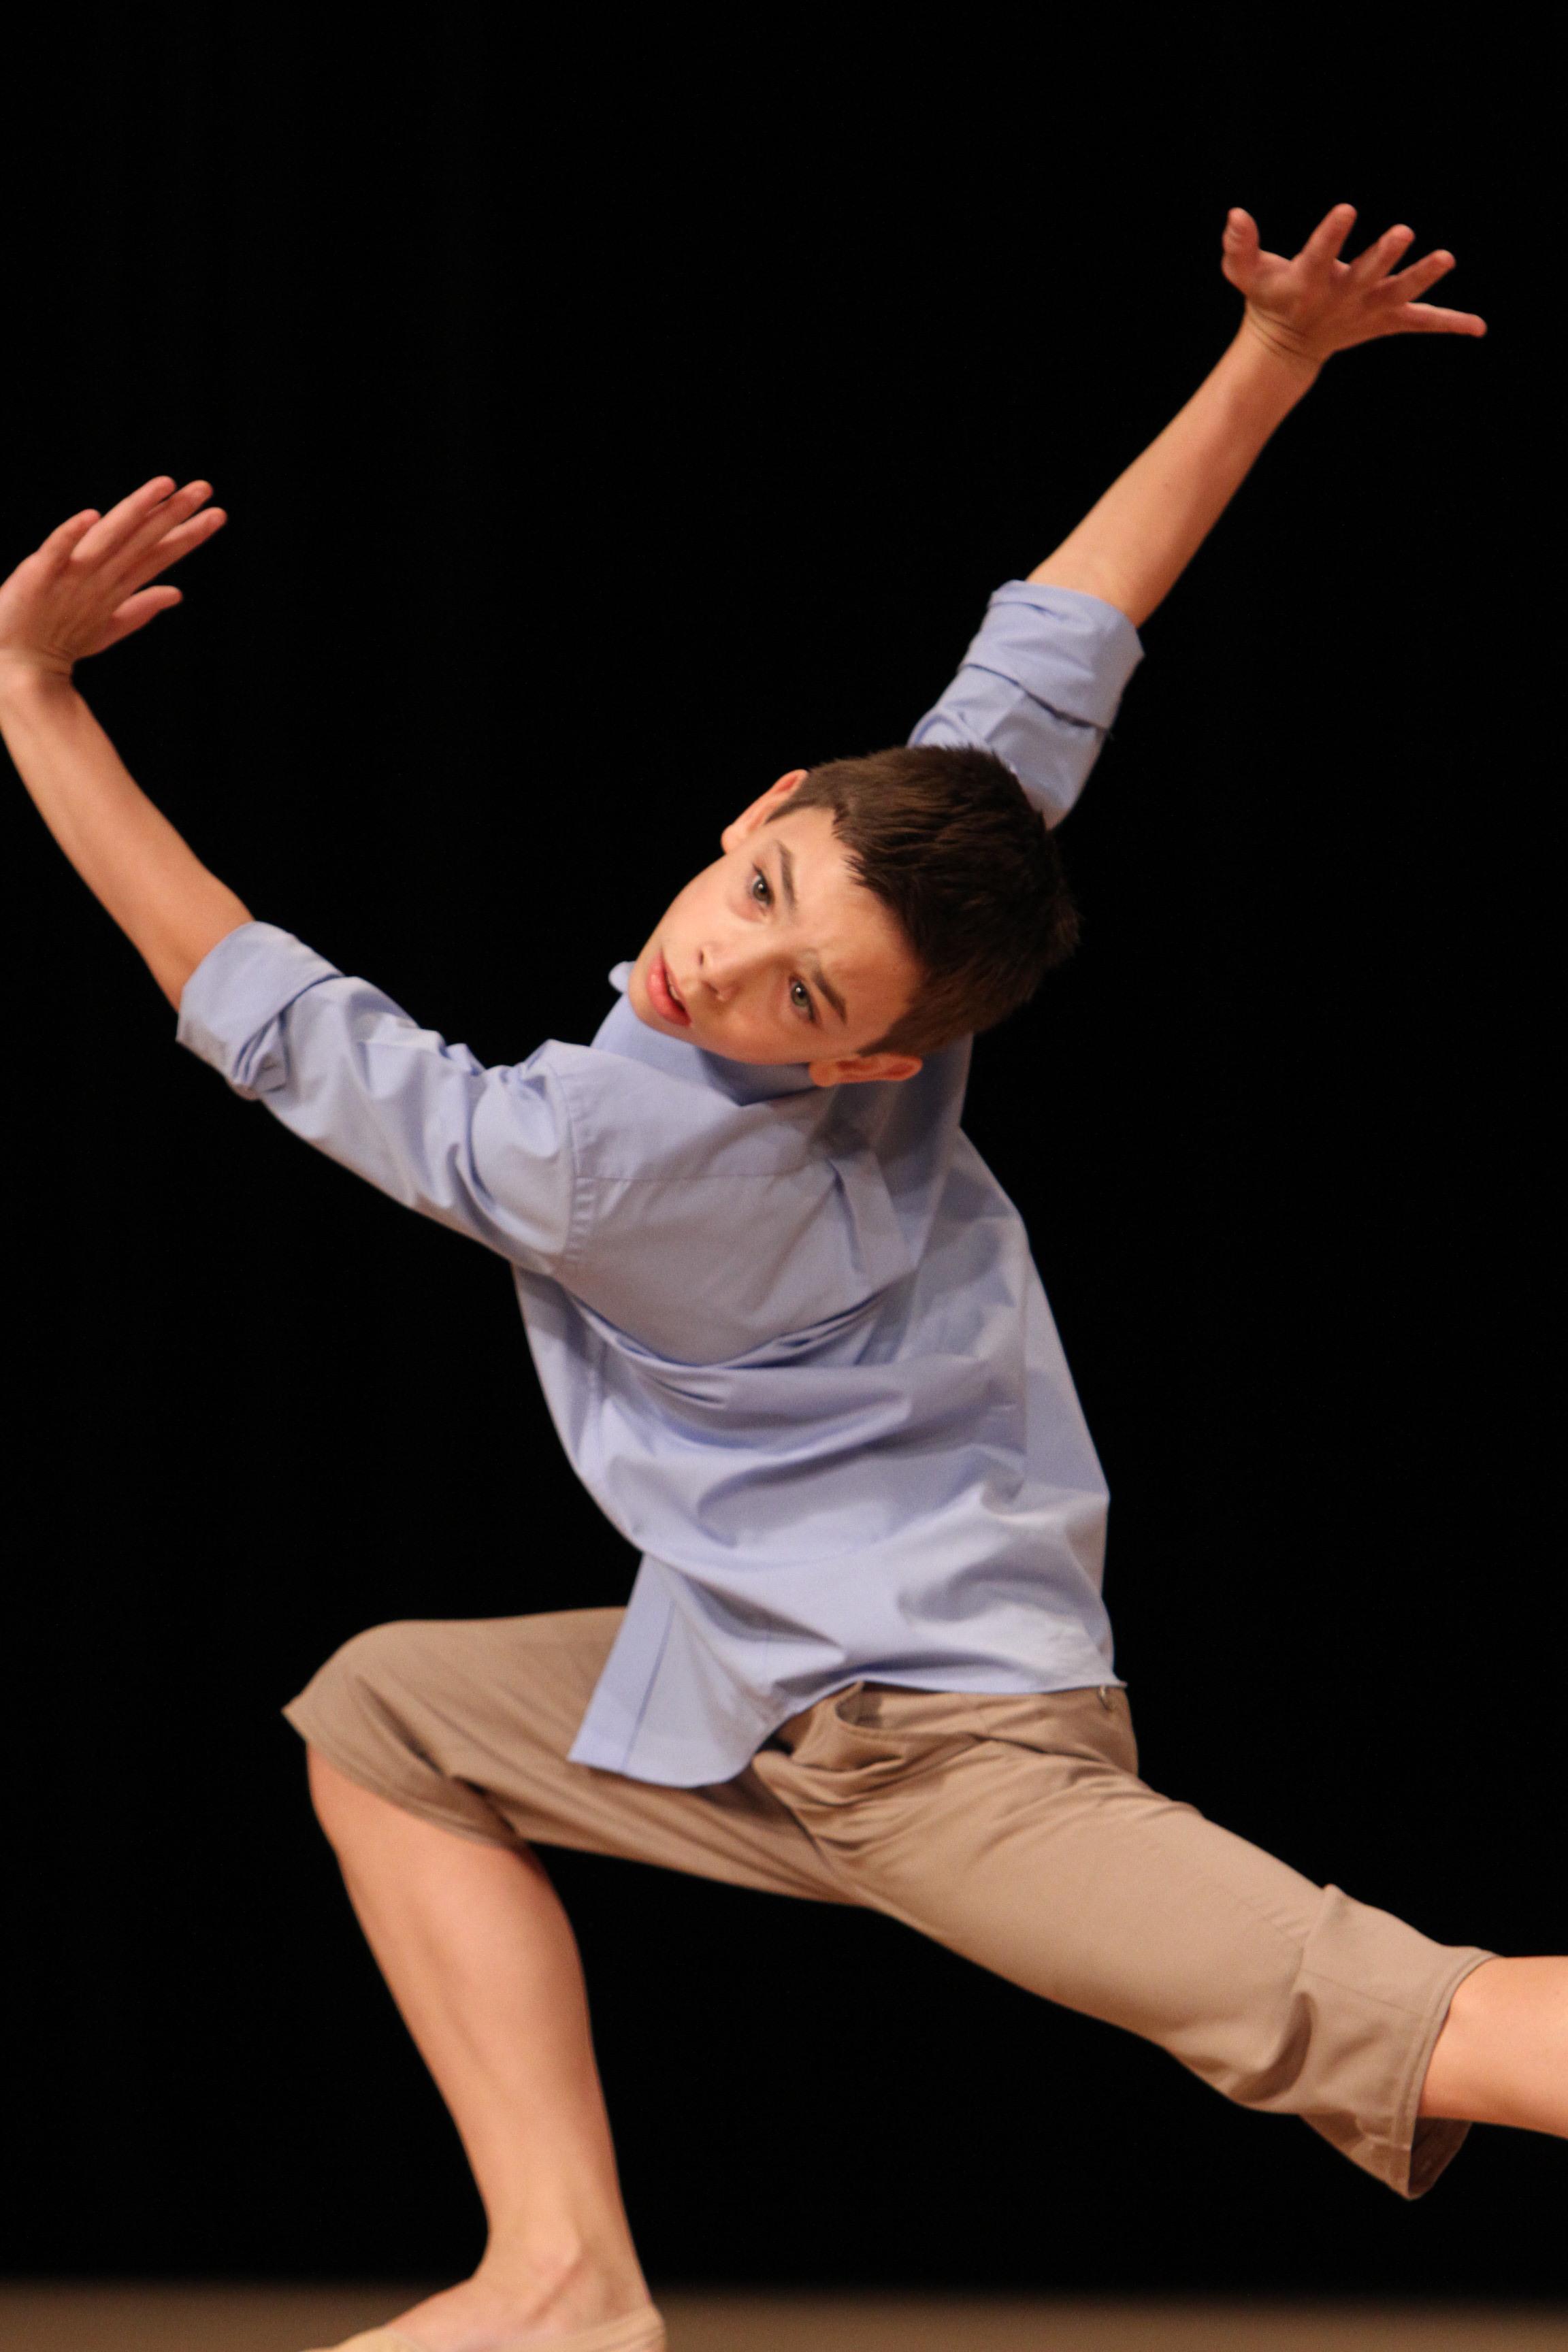 2011 - Zach Manske from Woodbury Dance Center